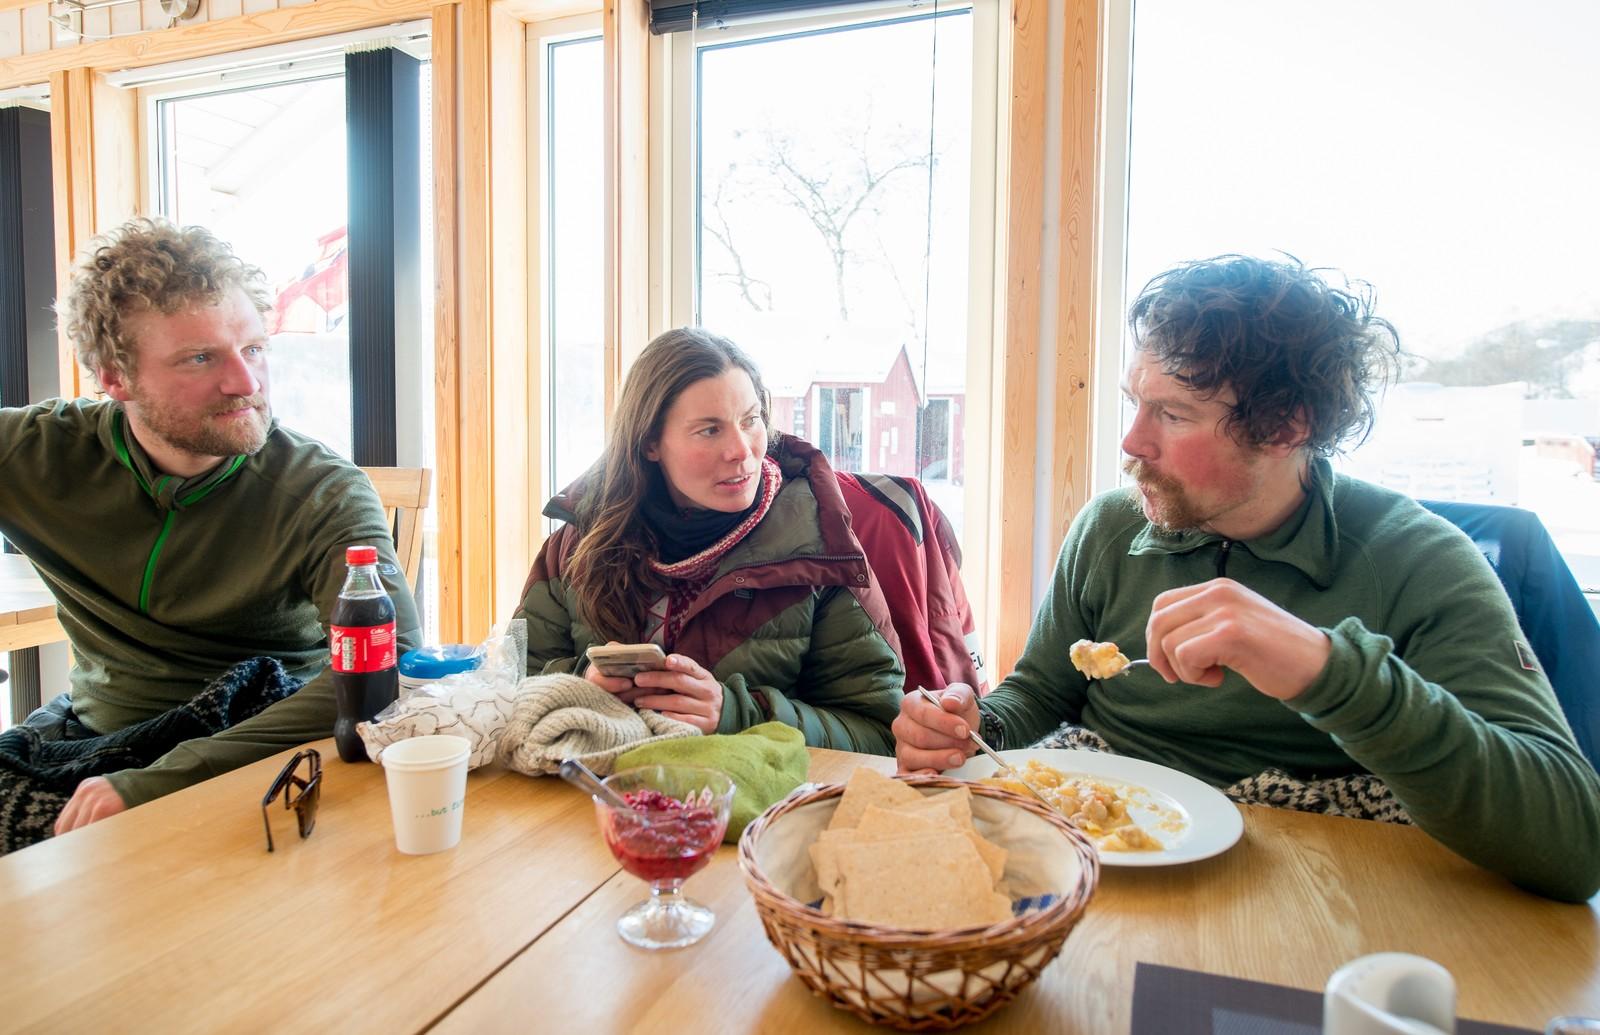 Tidligere vinner av Finnmarksløpet Sigrid Ekran må regnes for å være en «superhandler». Her har hun servert samboer Erlend et velfortjent måltid på fjellstua i Levajok. Til venstre teamets sjåfør Stein Harald Lerberg.